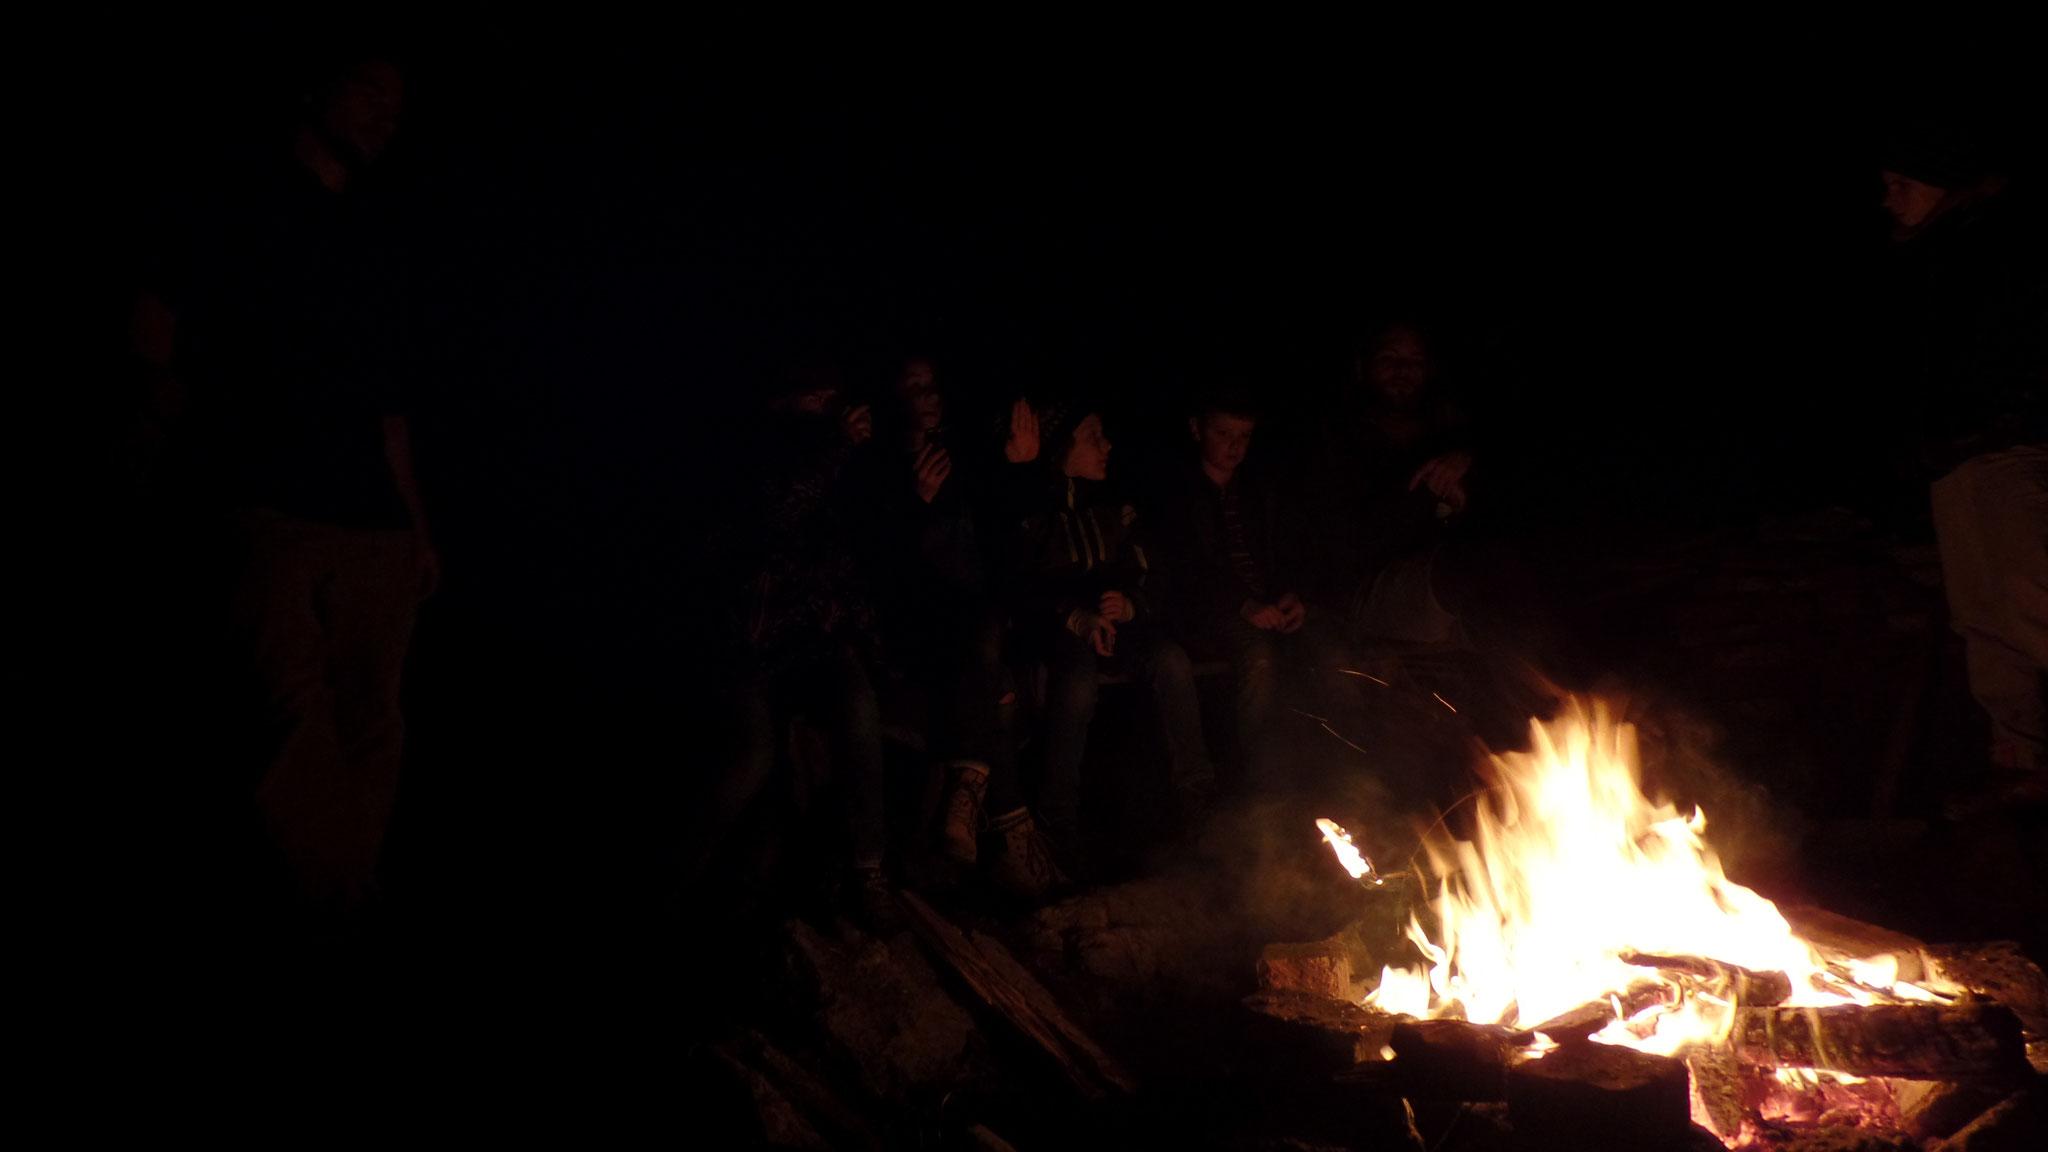 """Nach dem Essen haben wir es uns erst einmal am Lagerfeuer gemütlich gemacht und noch eine Runde """"Menschen und Zobies!"""" gespielt (eine Abwandlung vom bekannten Werwolf)."""